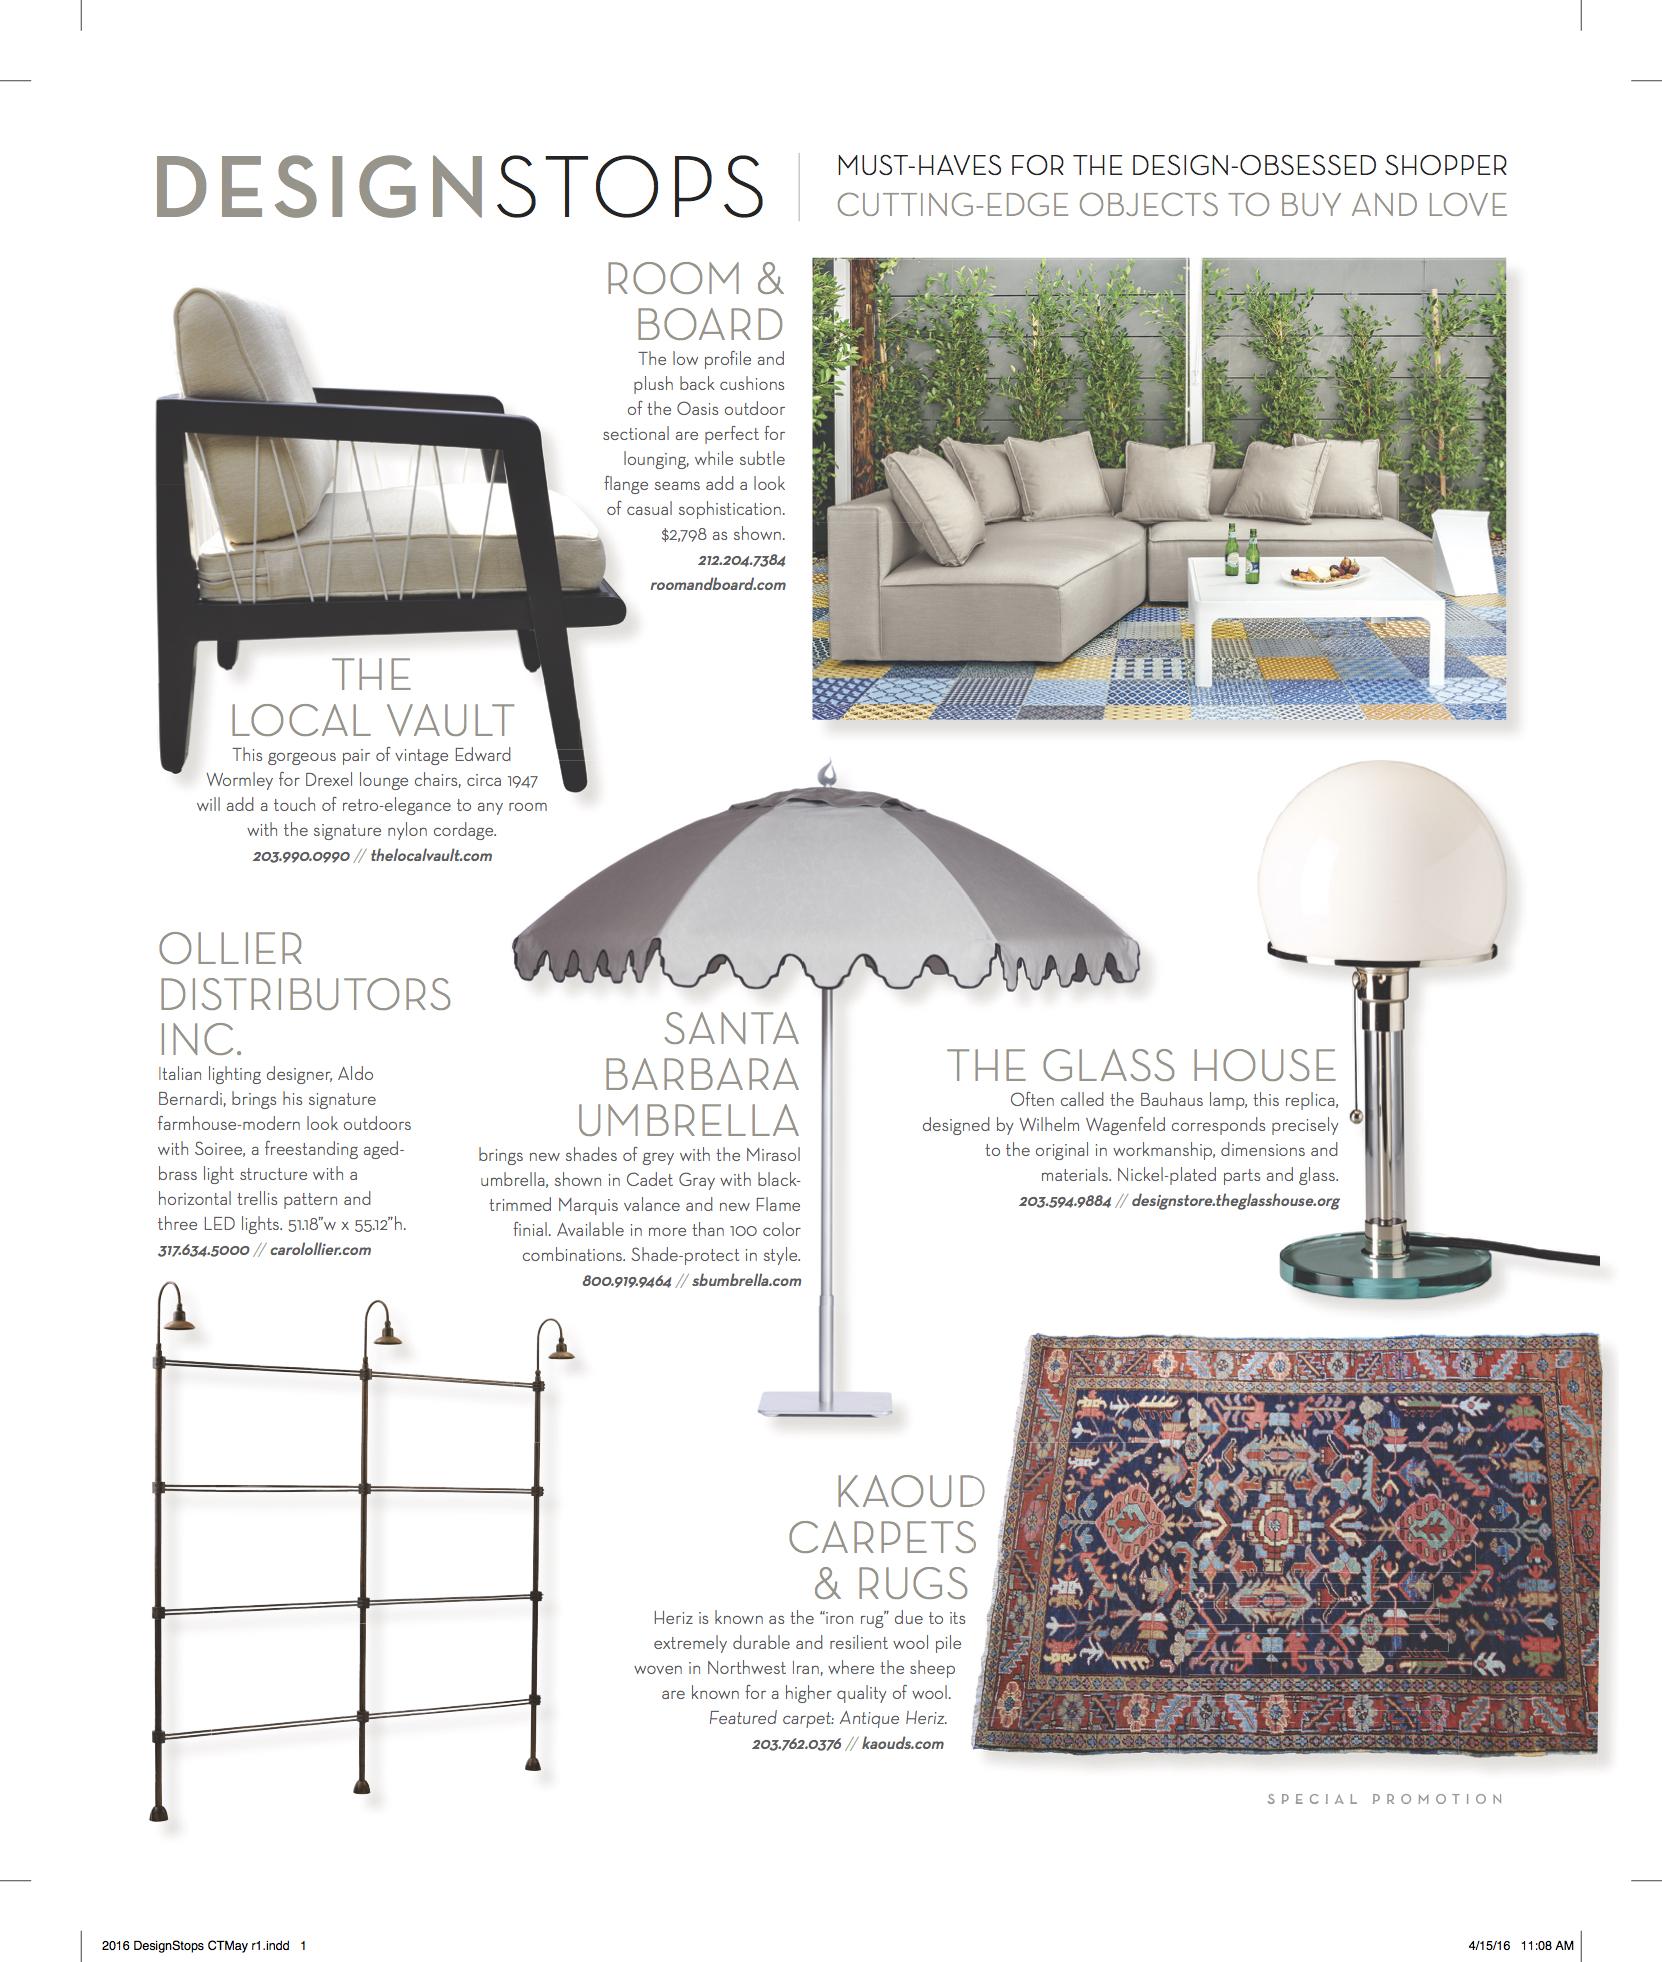 Cottages & Gardens Design Stop